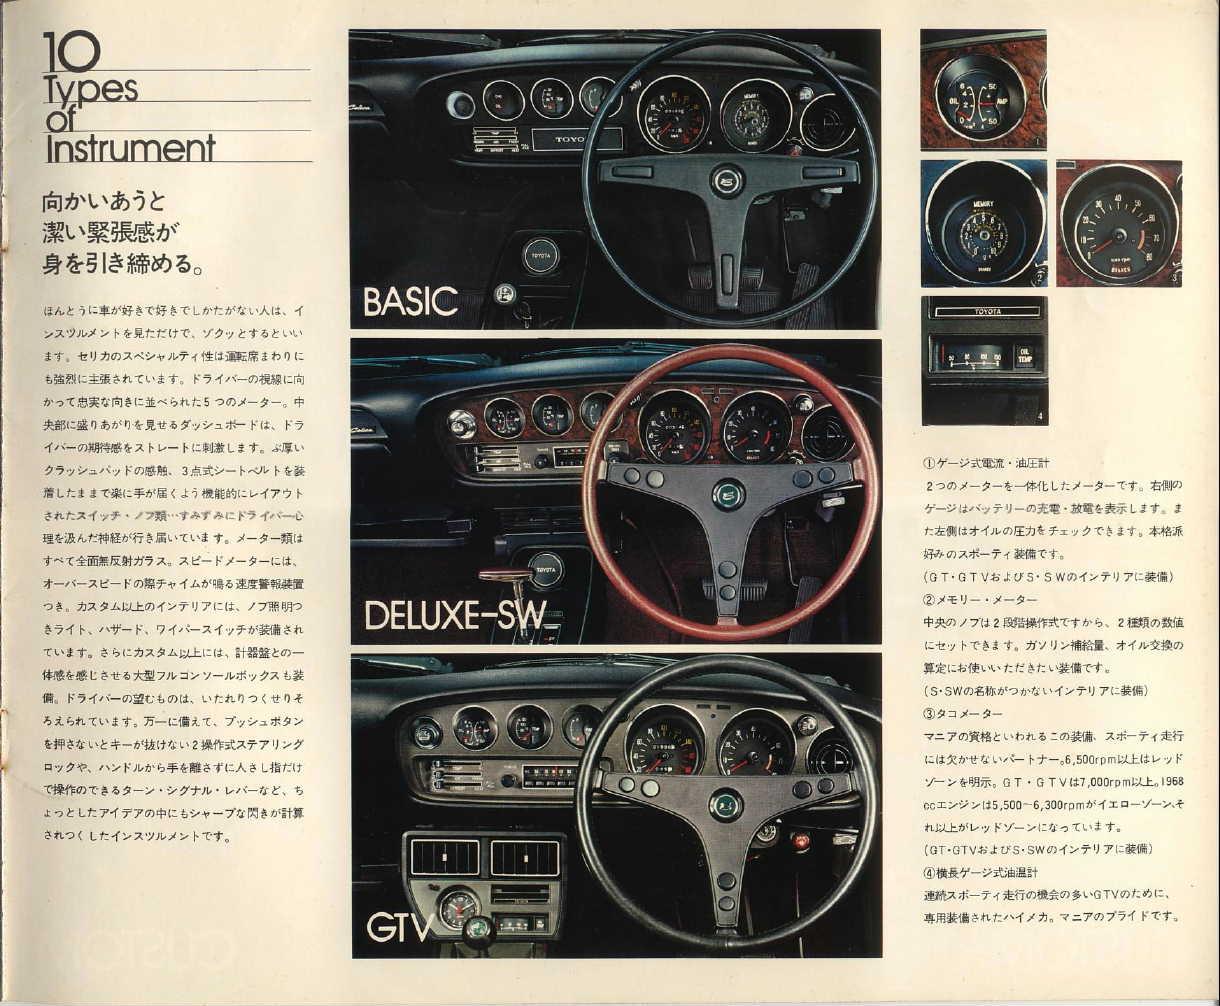 Toyota Celica A20/30, kultowe auto, japoński stary samochód, ciekawy, japońska motoryzacja, old car, klasyczne samochody, JDM, zdjęcia, wnętrze, w środku, interior